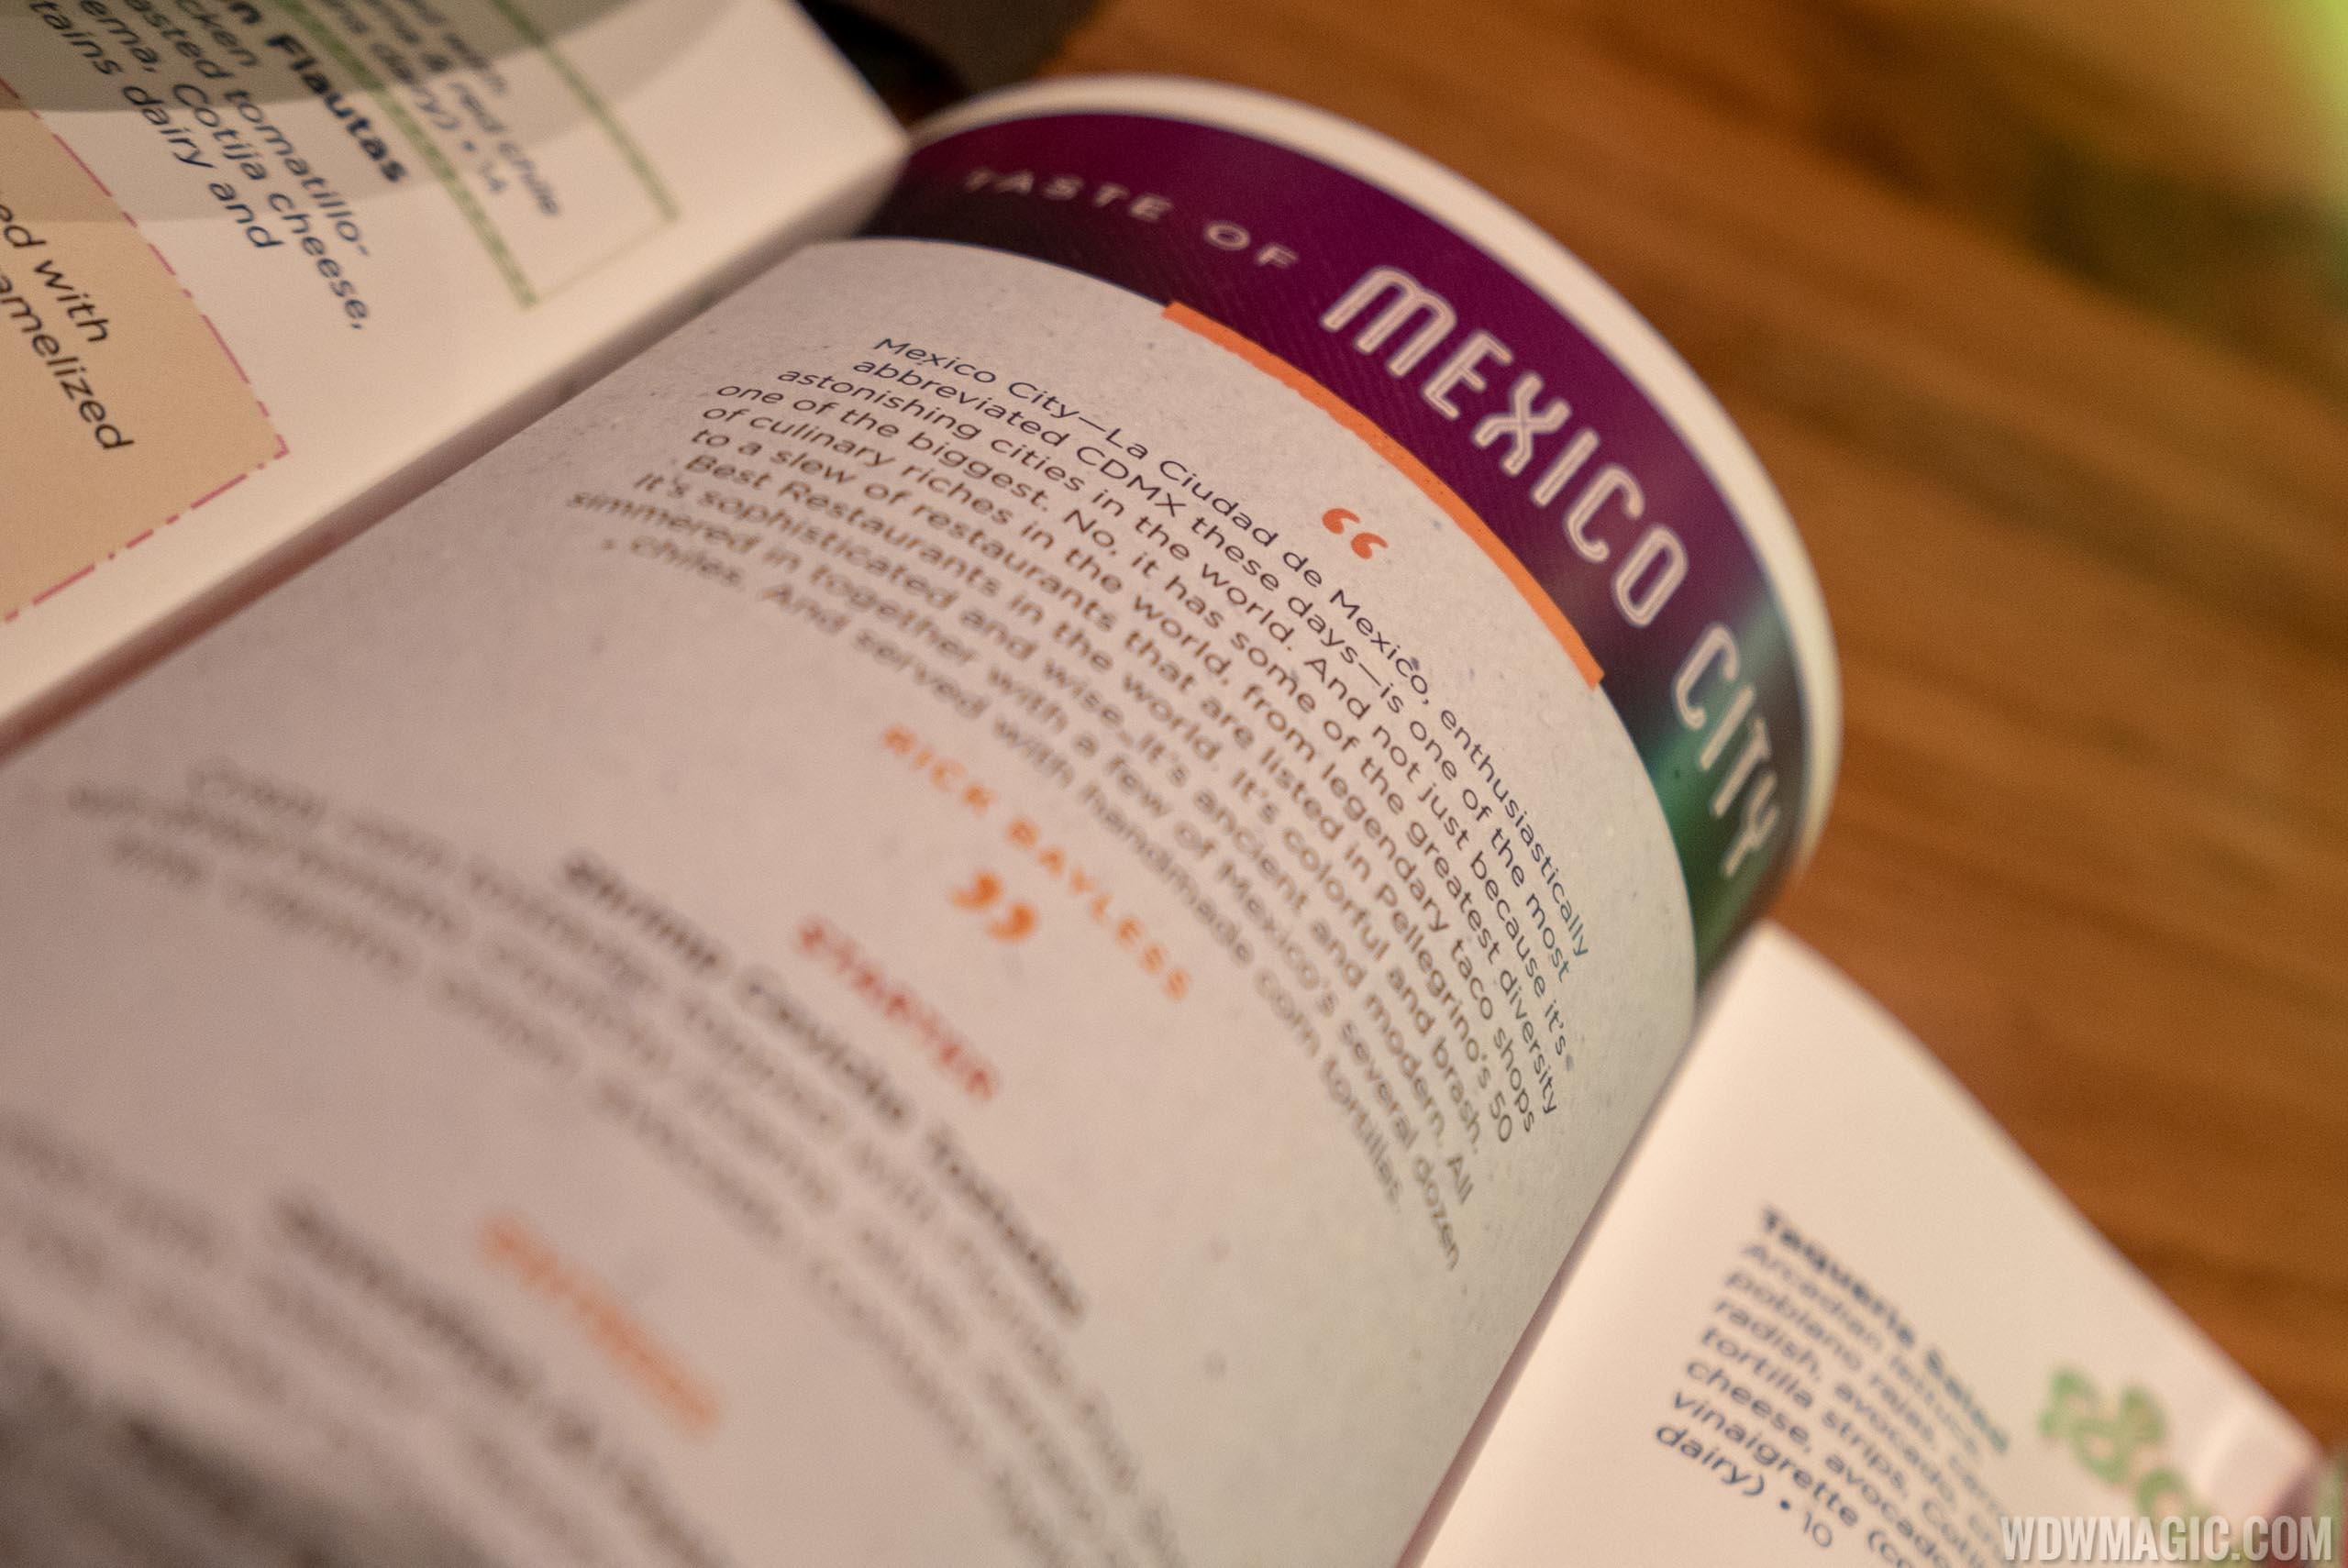 Frontera Cocina - Taste of Mexico City menu 2019